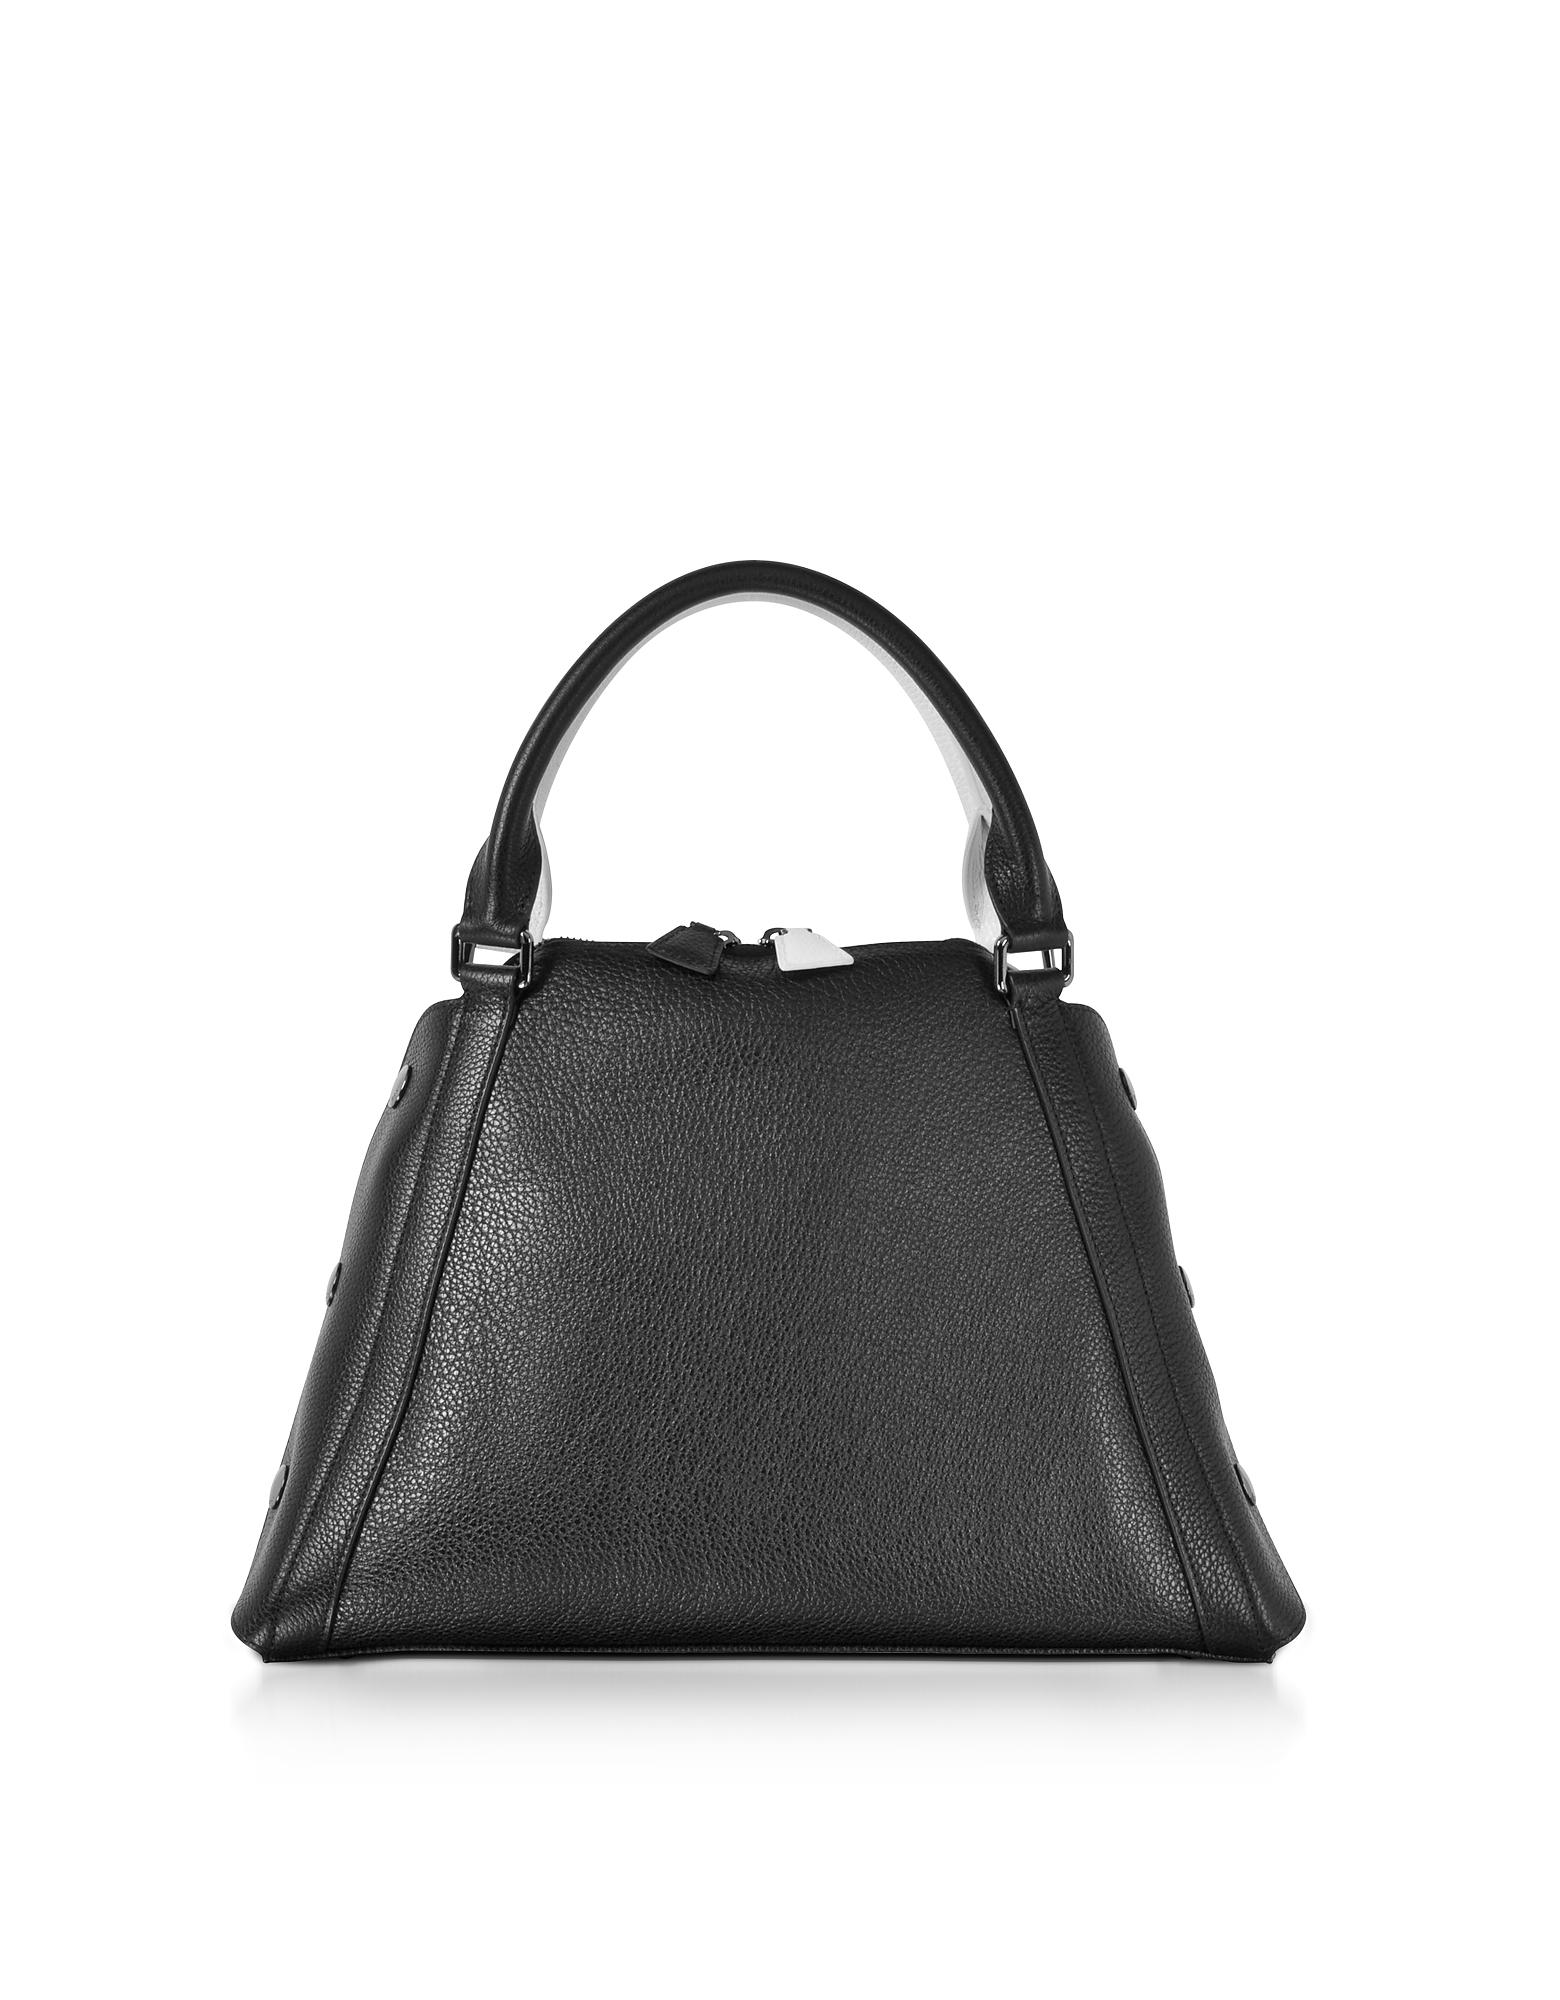 Akris Handbags, S Aimee Black and Cream Pebbled Leather Satchel Bag